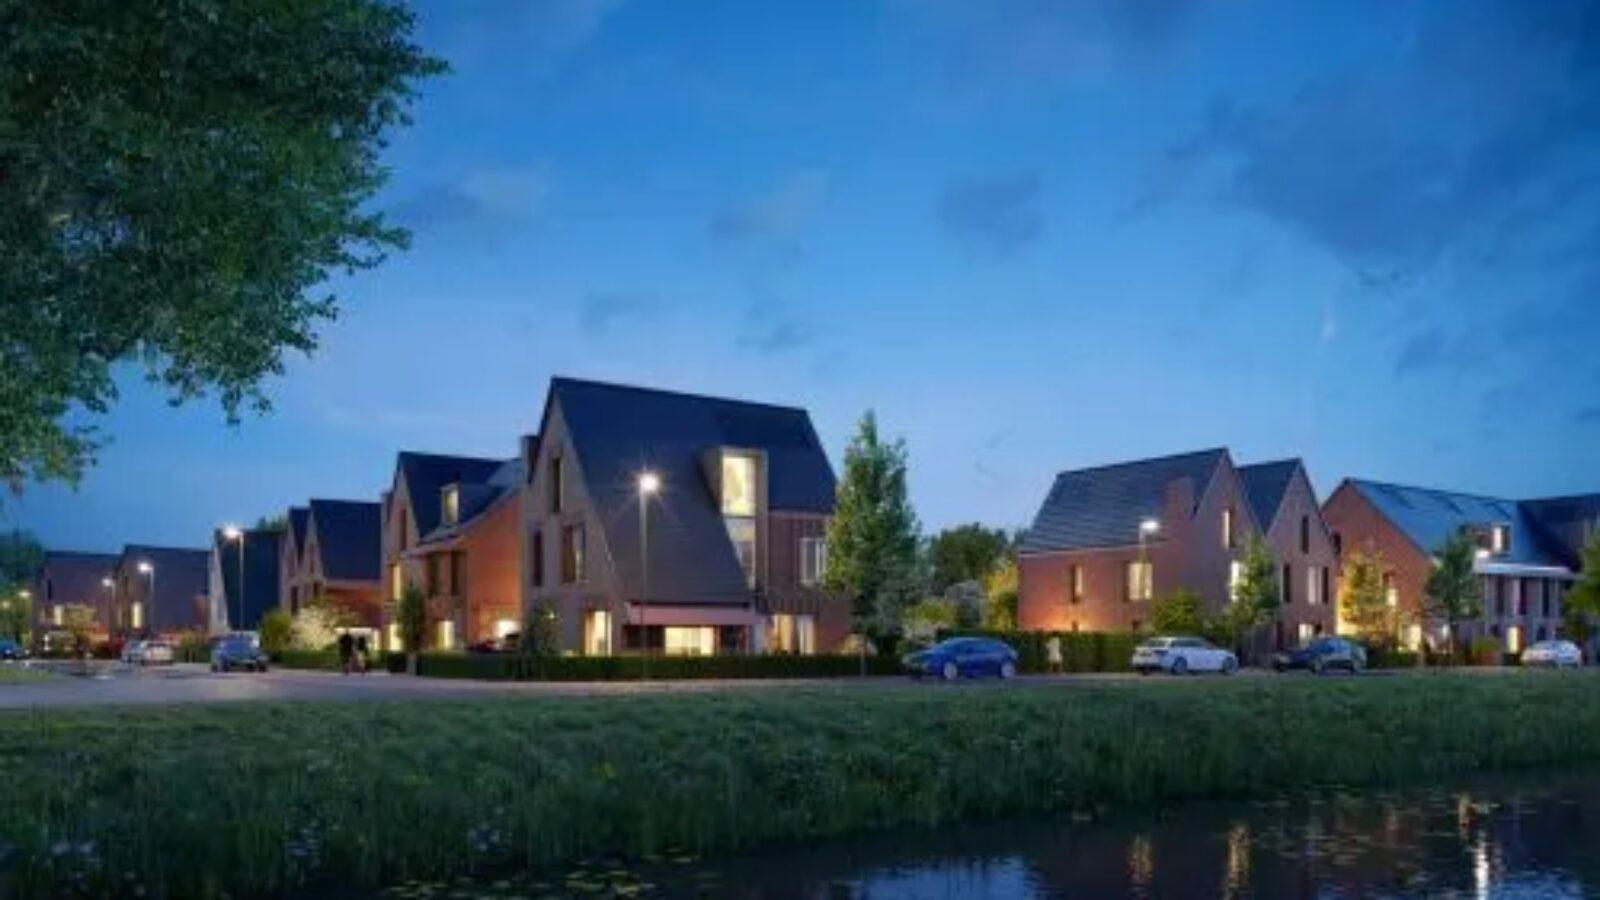 29 november – start verkoop project 'Wonen aan het Woldmeer' in Tersluis